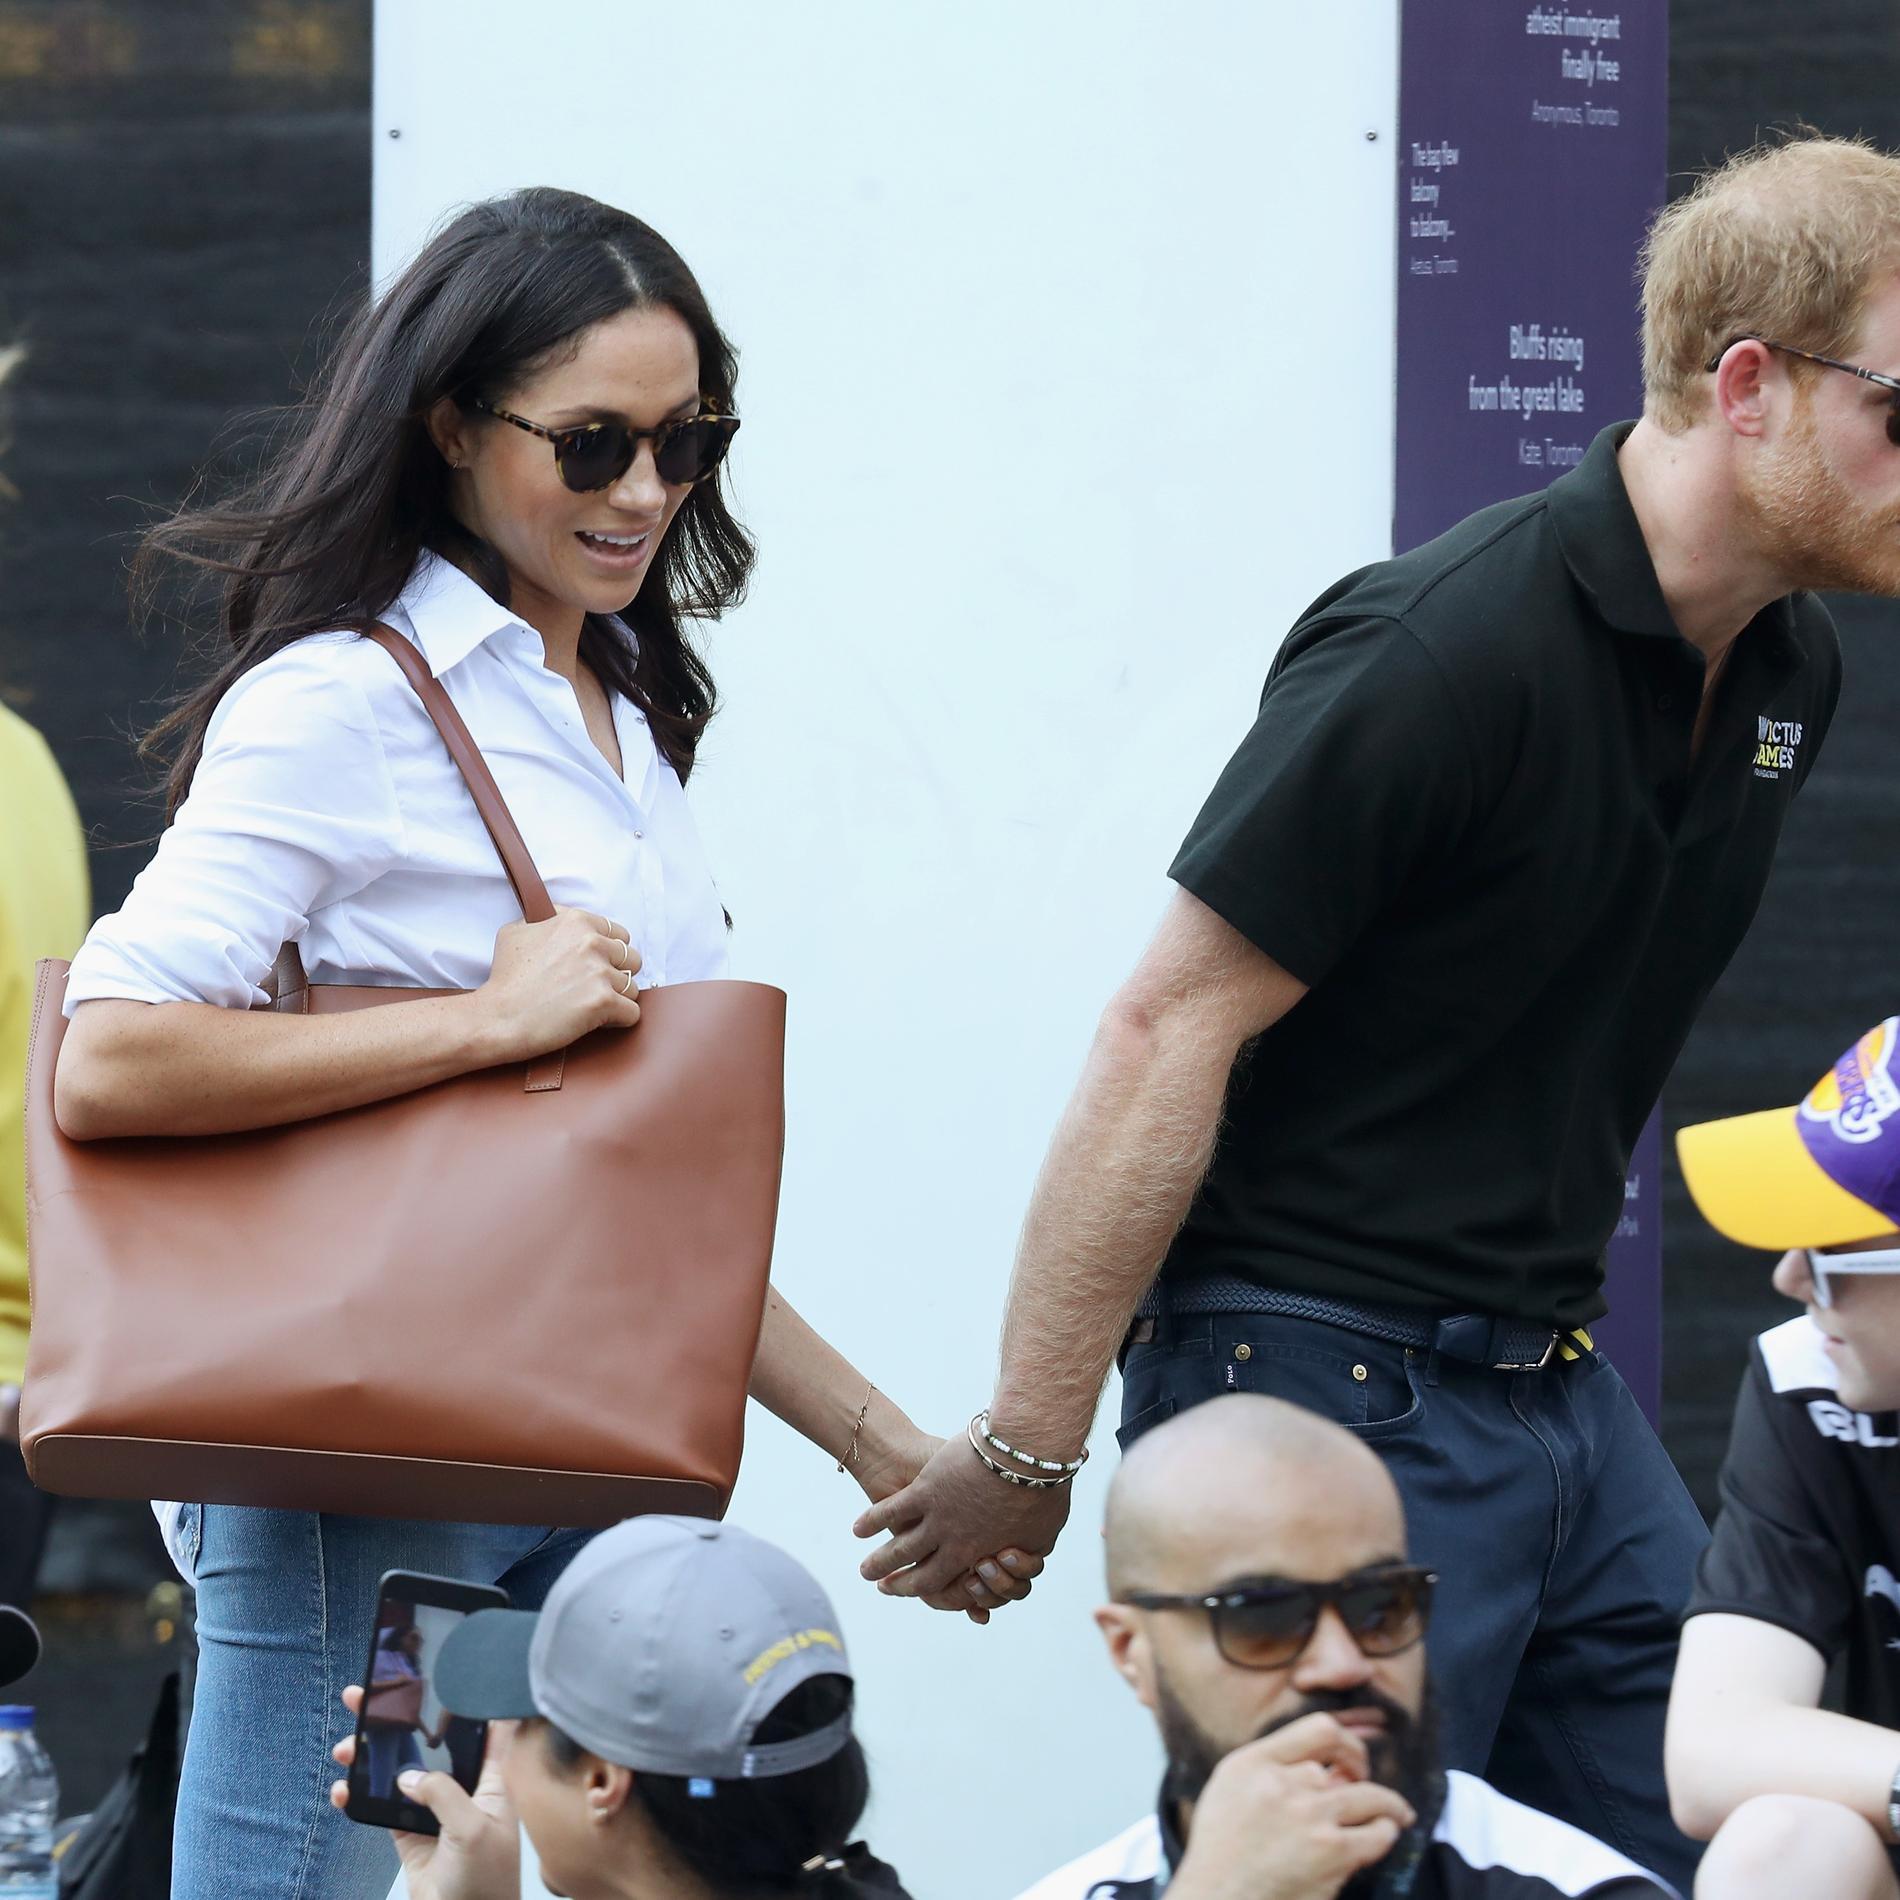 Les premières photos officielles du prince Harry et Meghan Markle